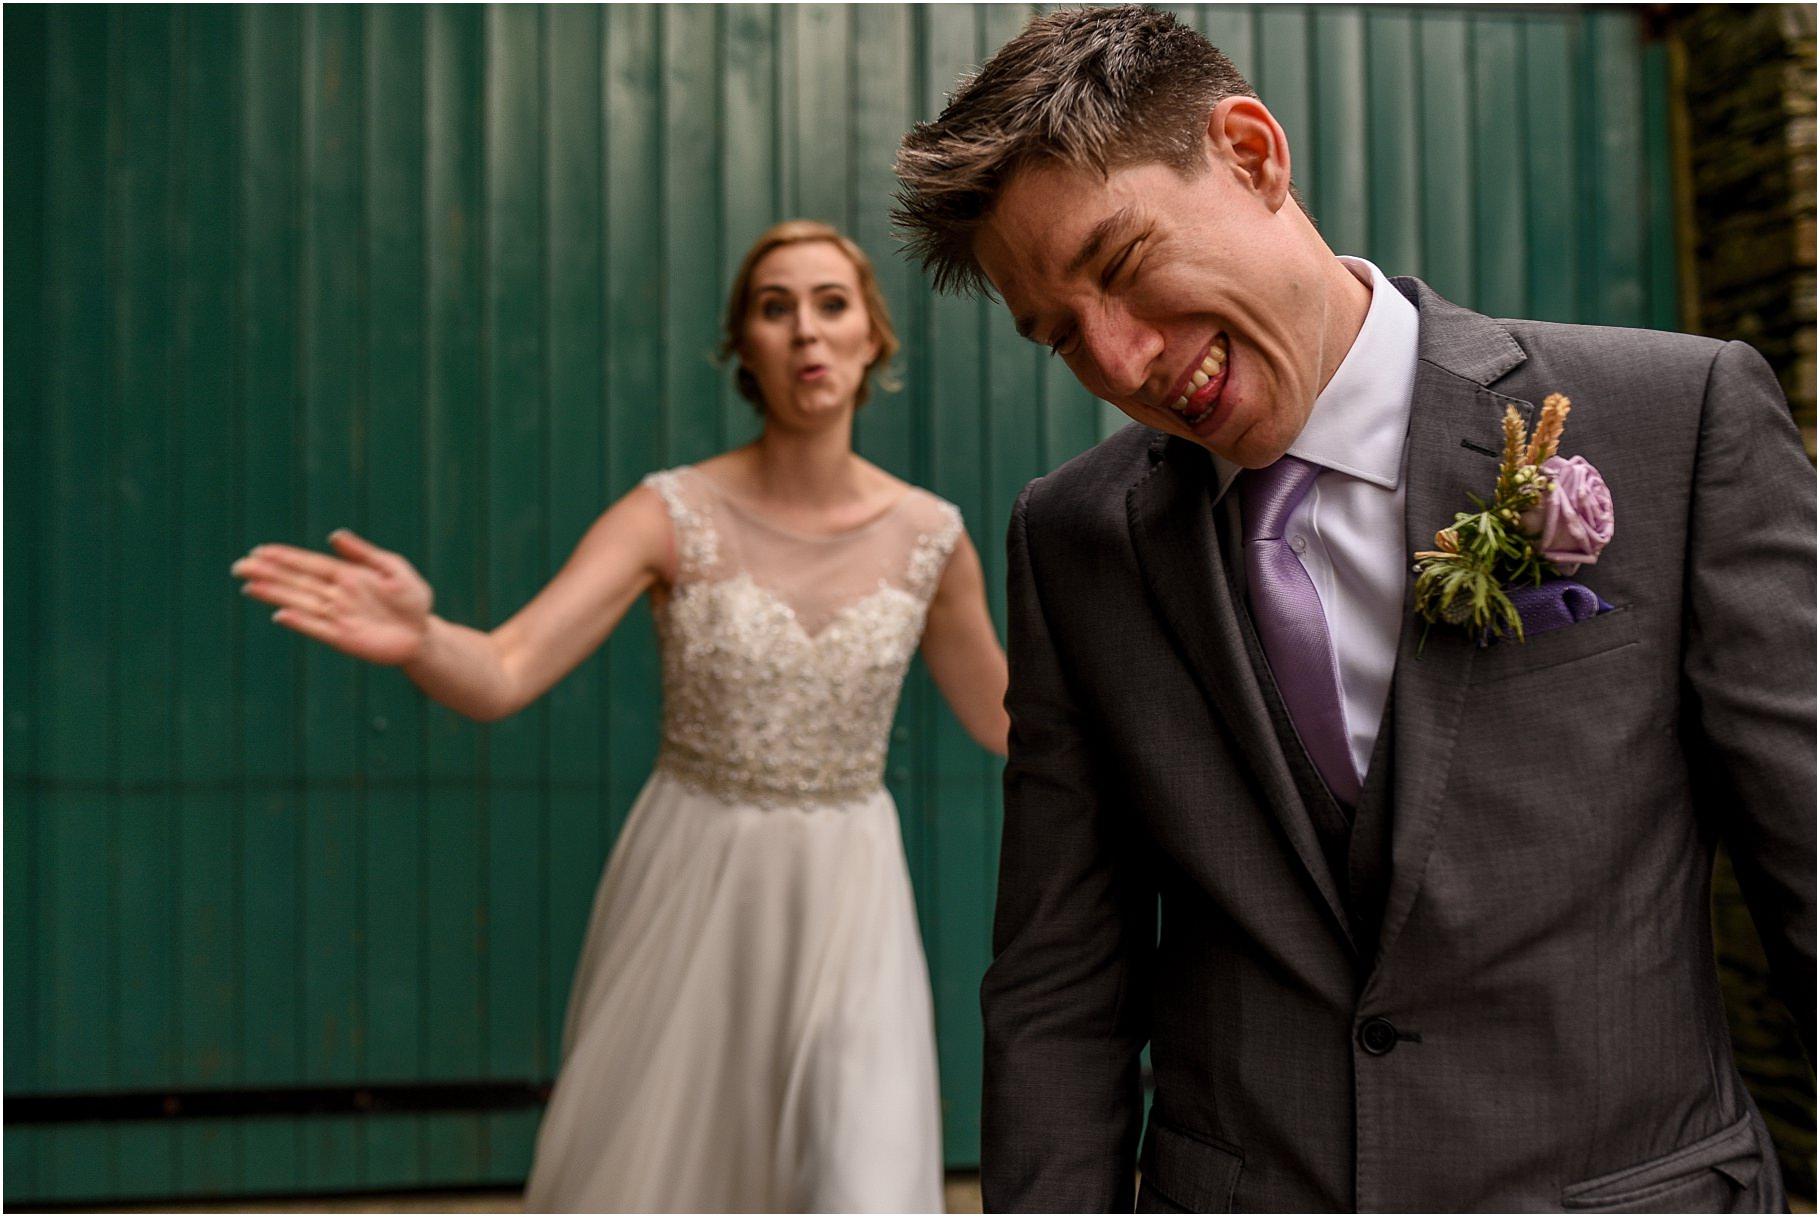 Dan-Wootton-Weddings-21.jpg